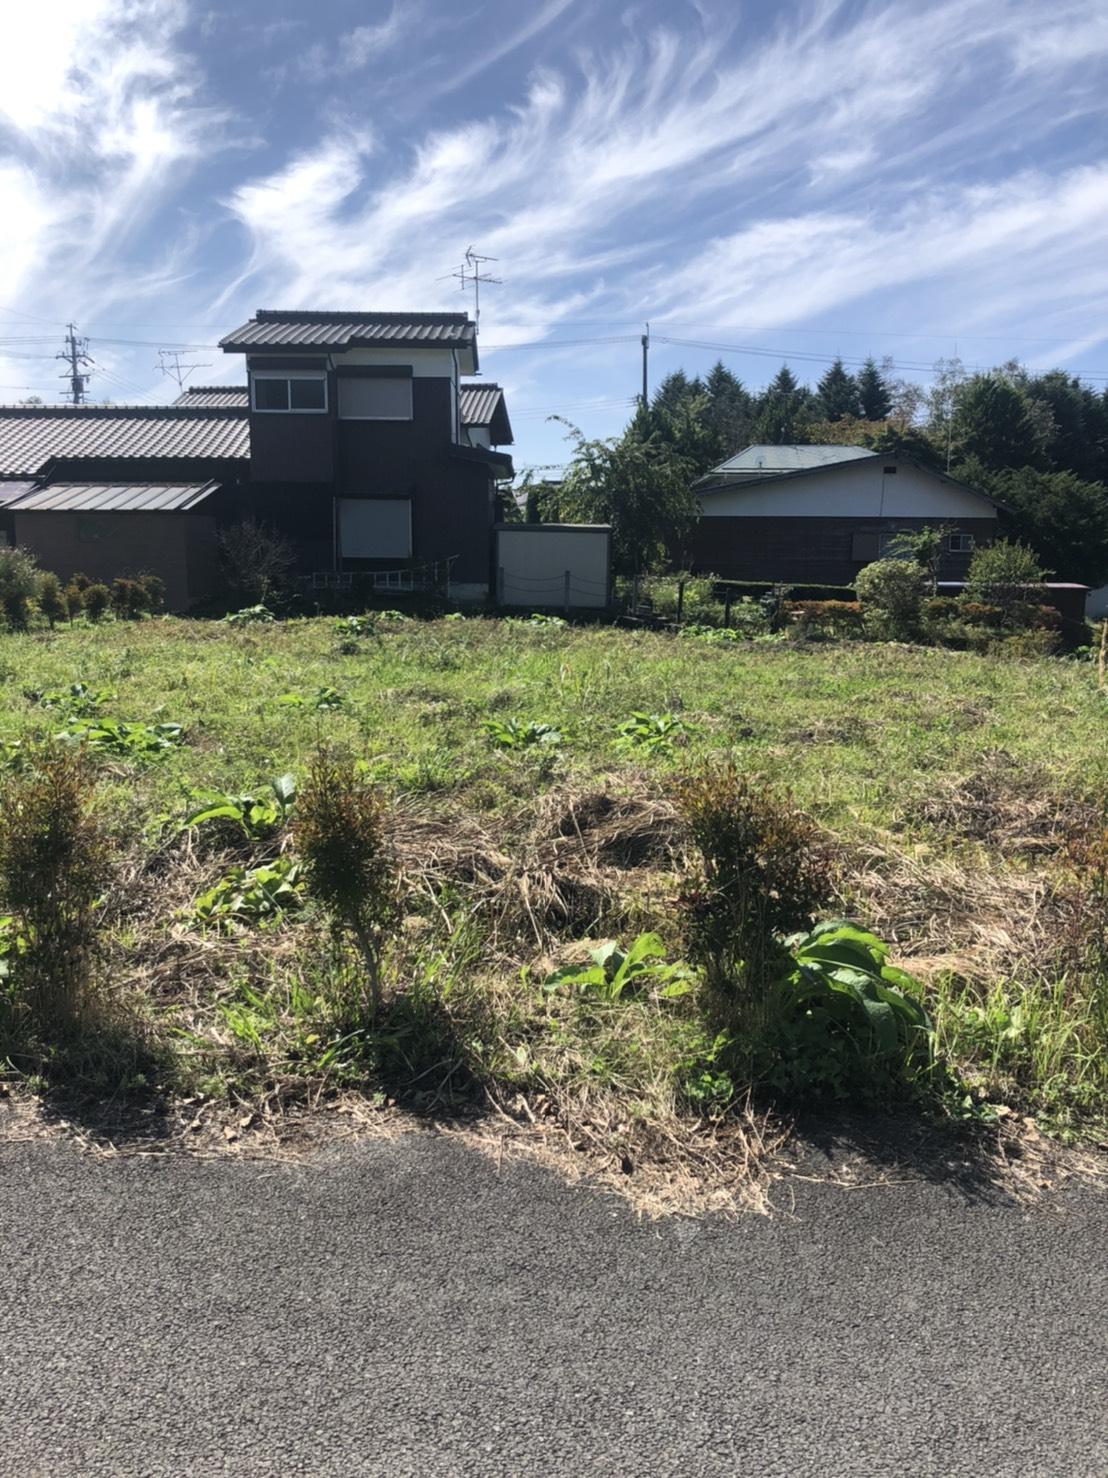 【中軽井沢土地】駅近の利便性の良い土地(区画B)